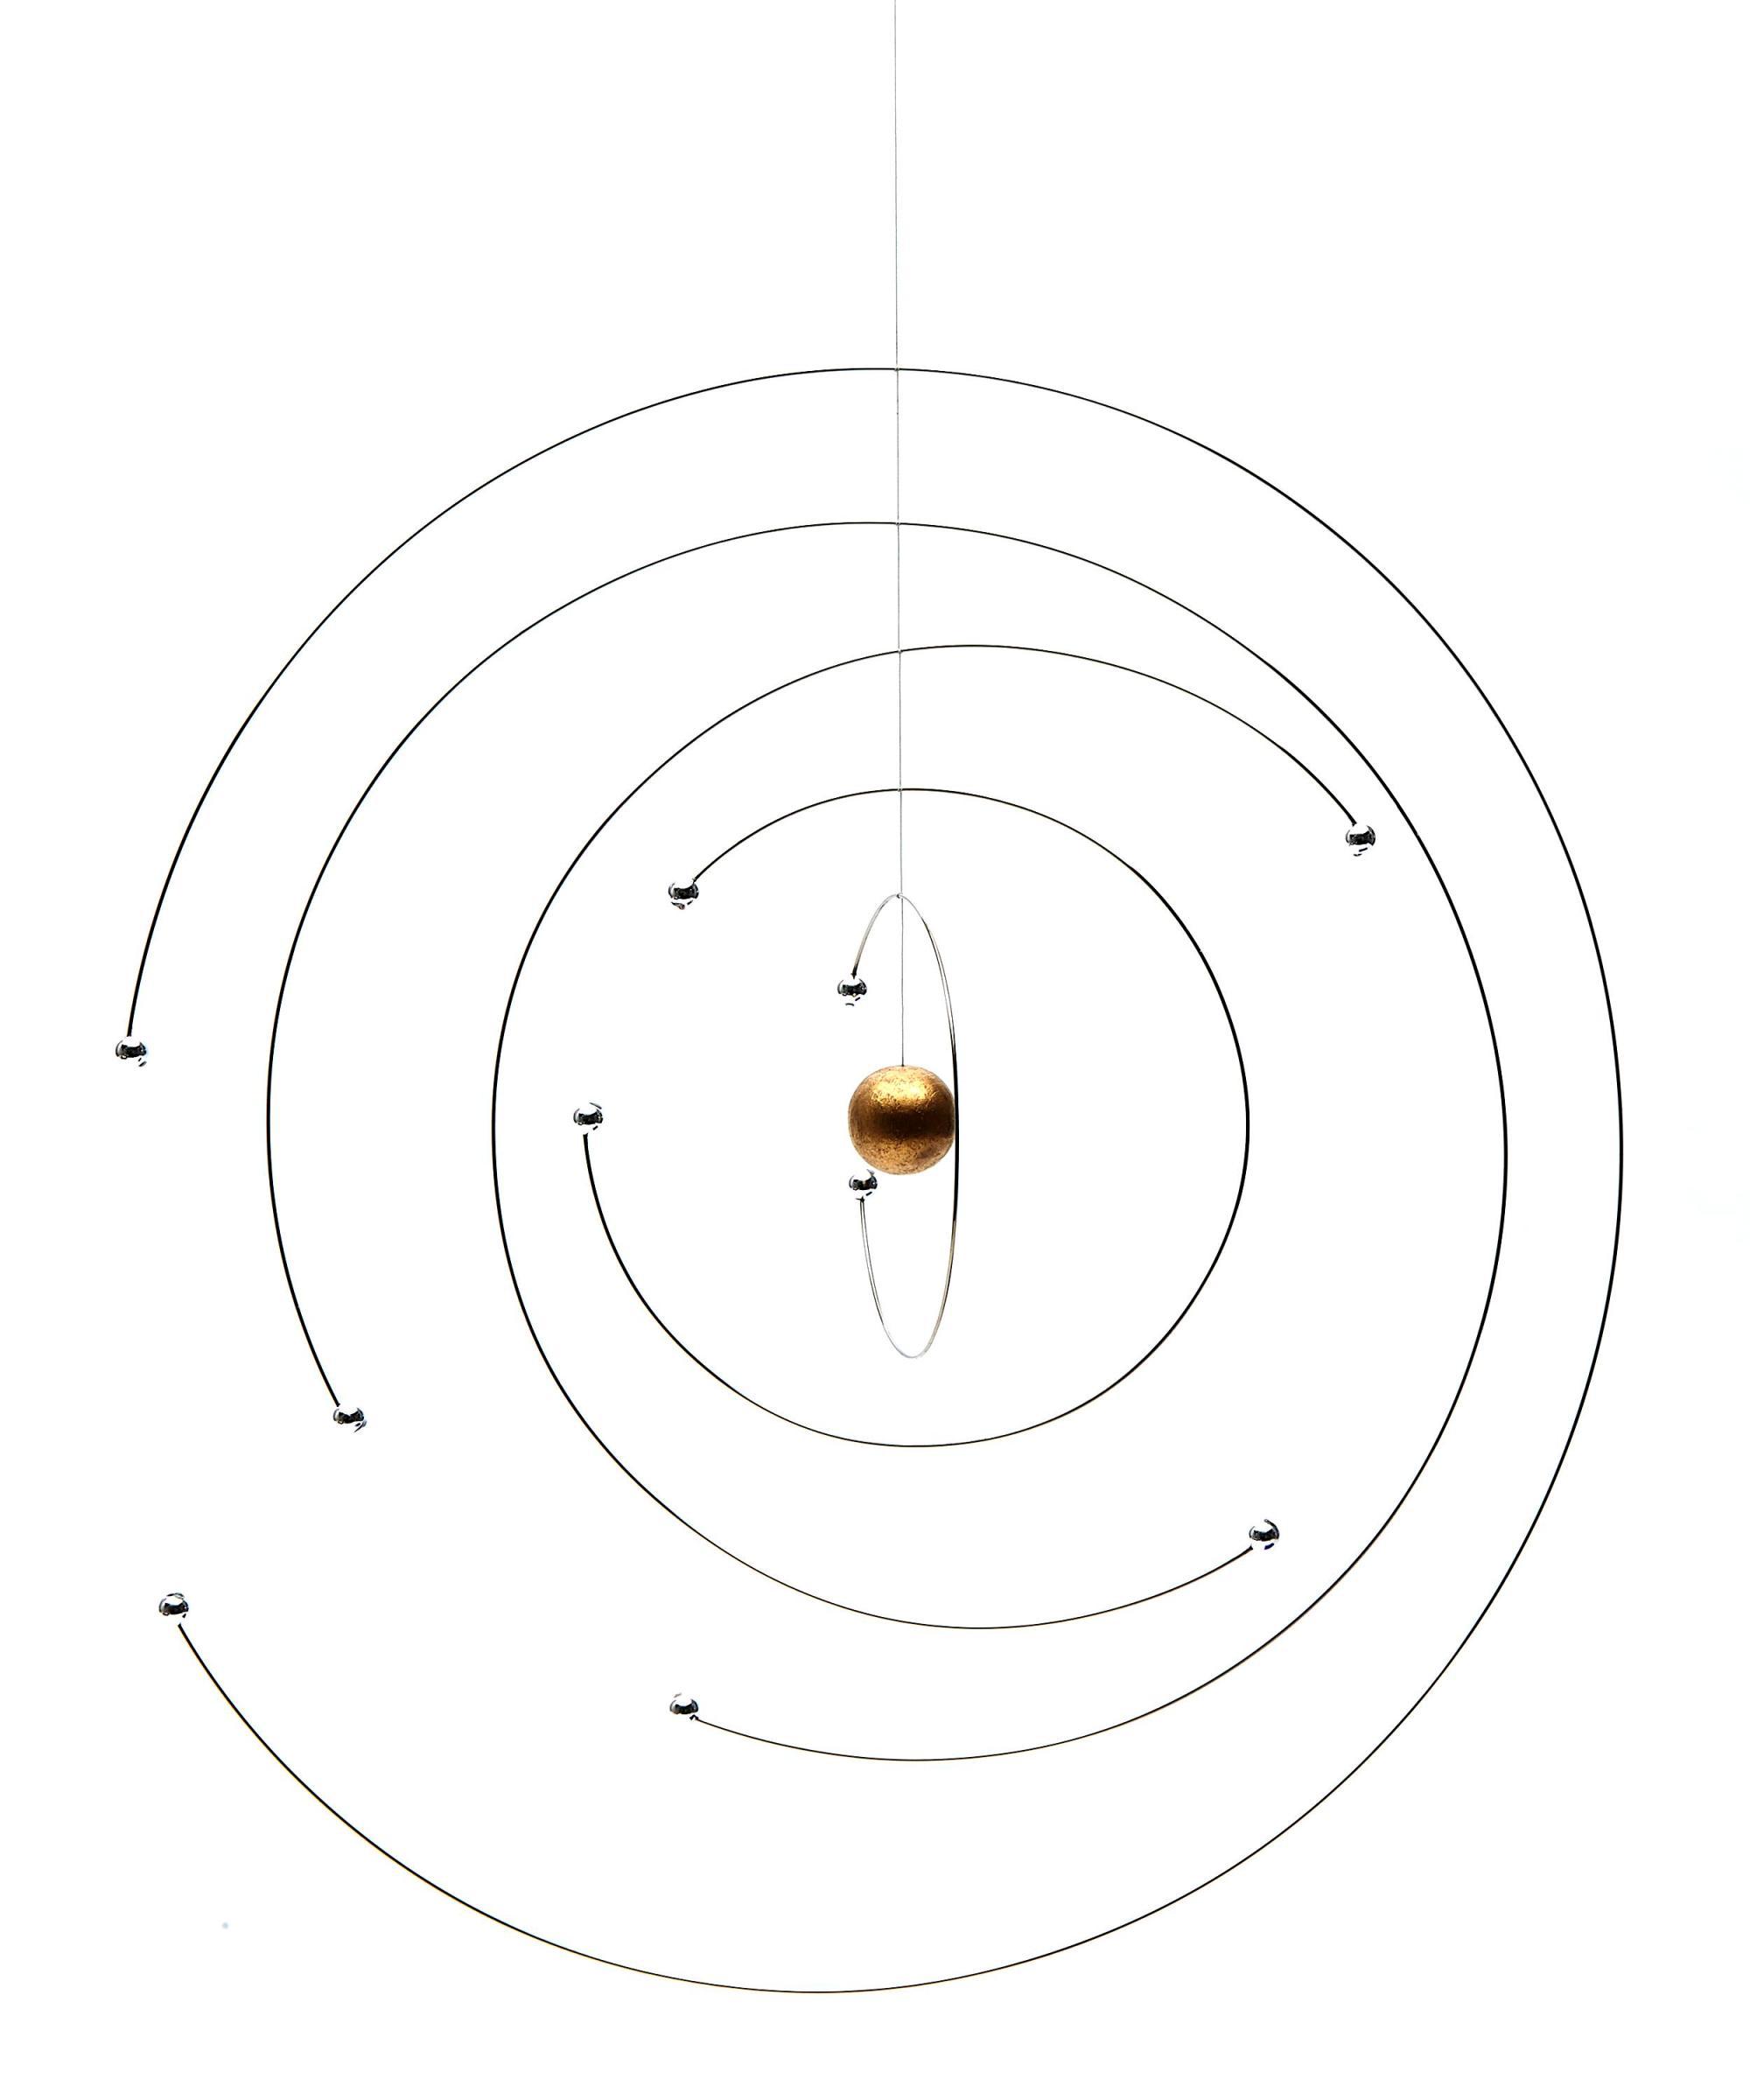 hight resolution of neils bohr atom model mobile